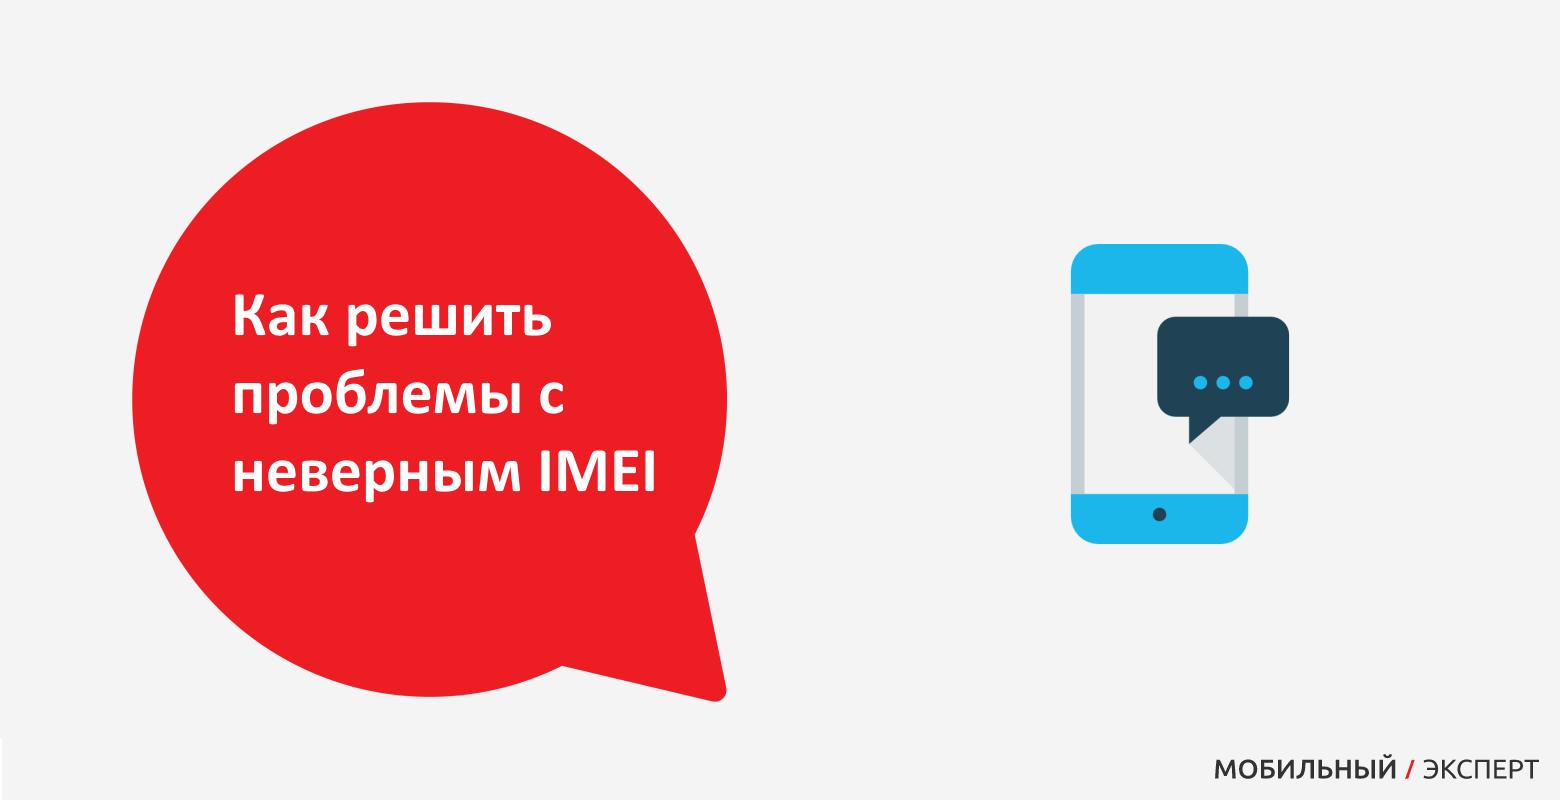 Проблемы с неверным IMEI